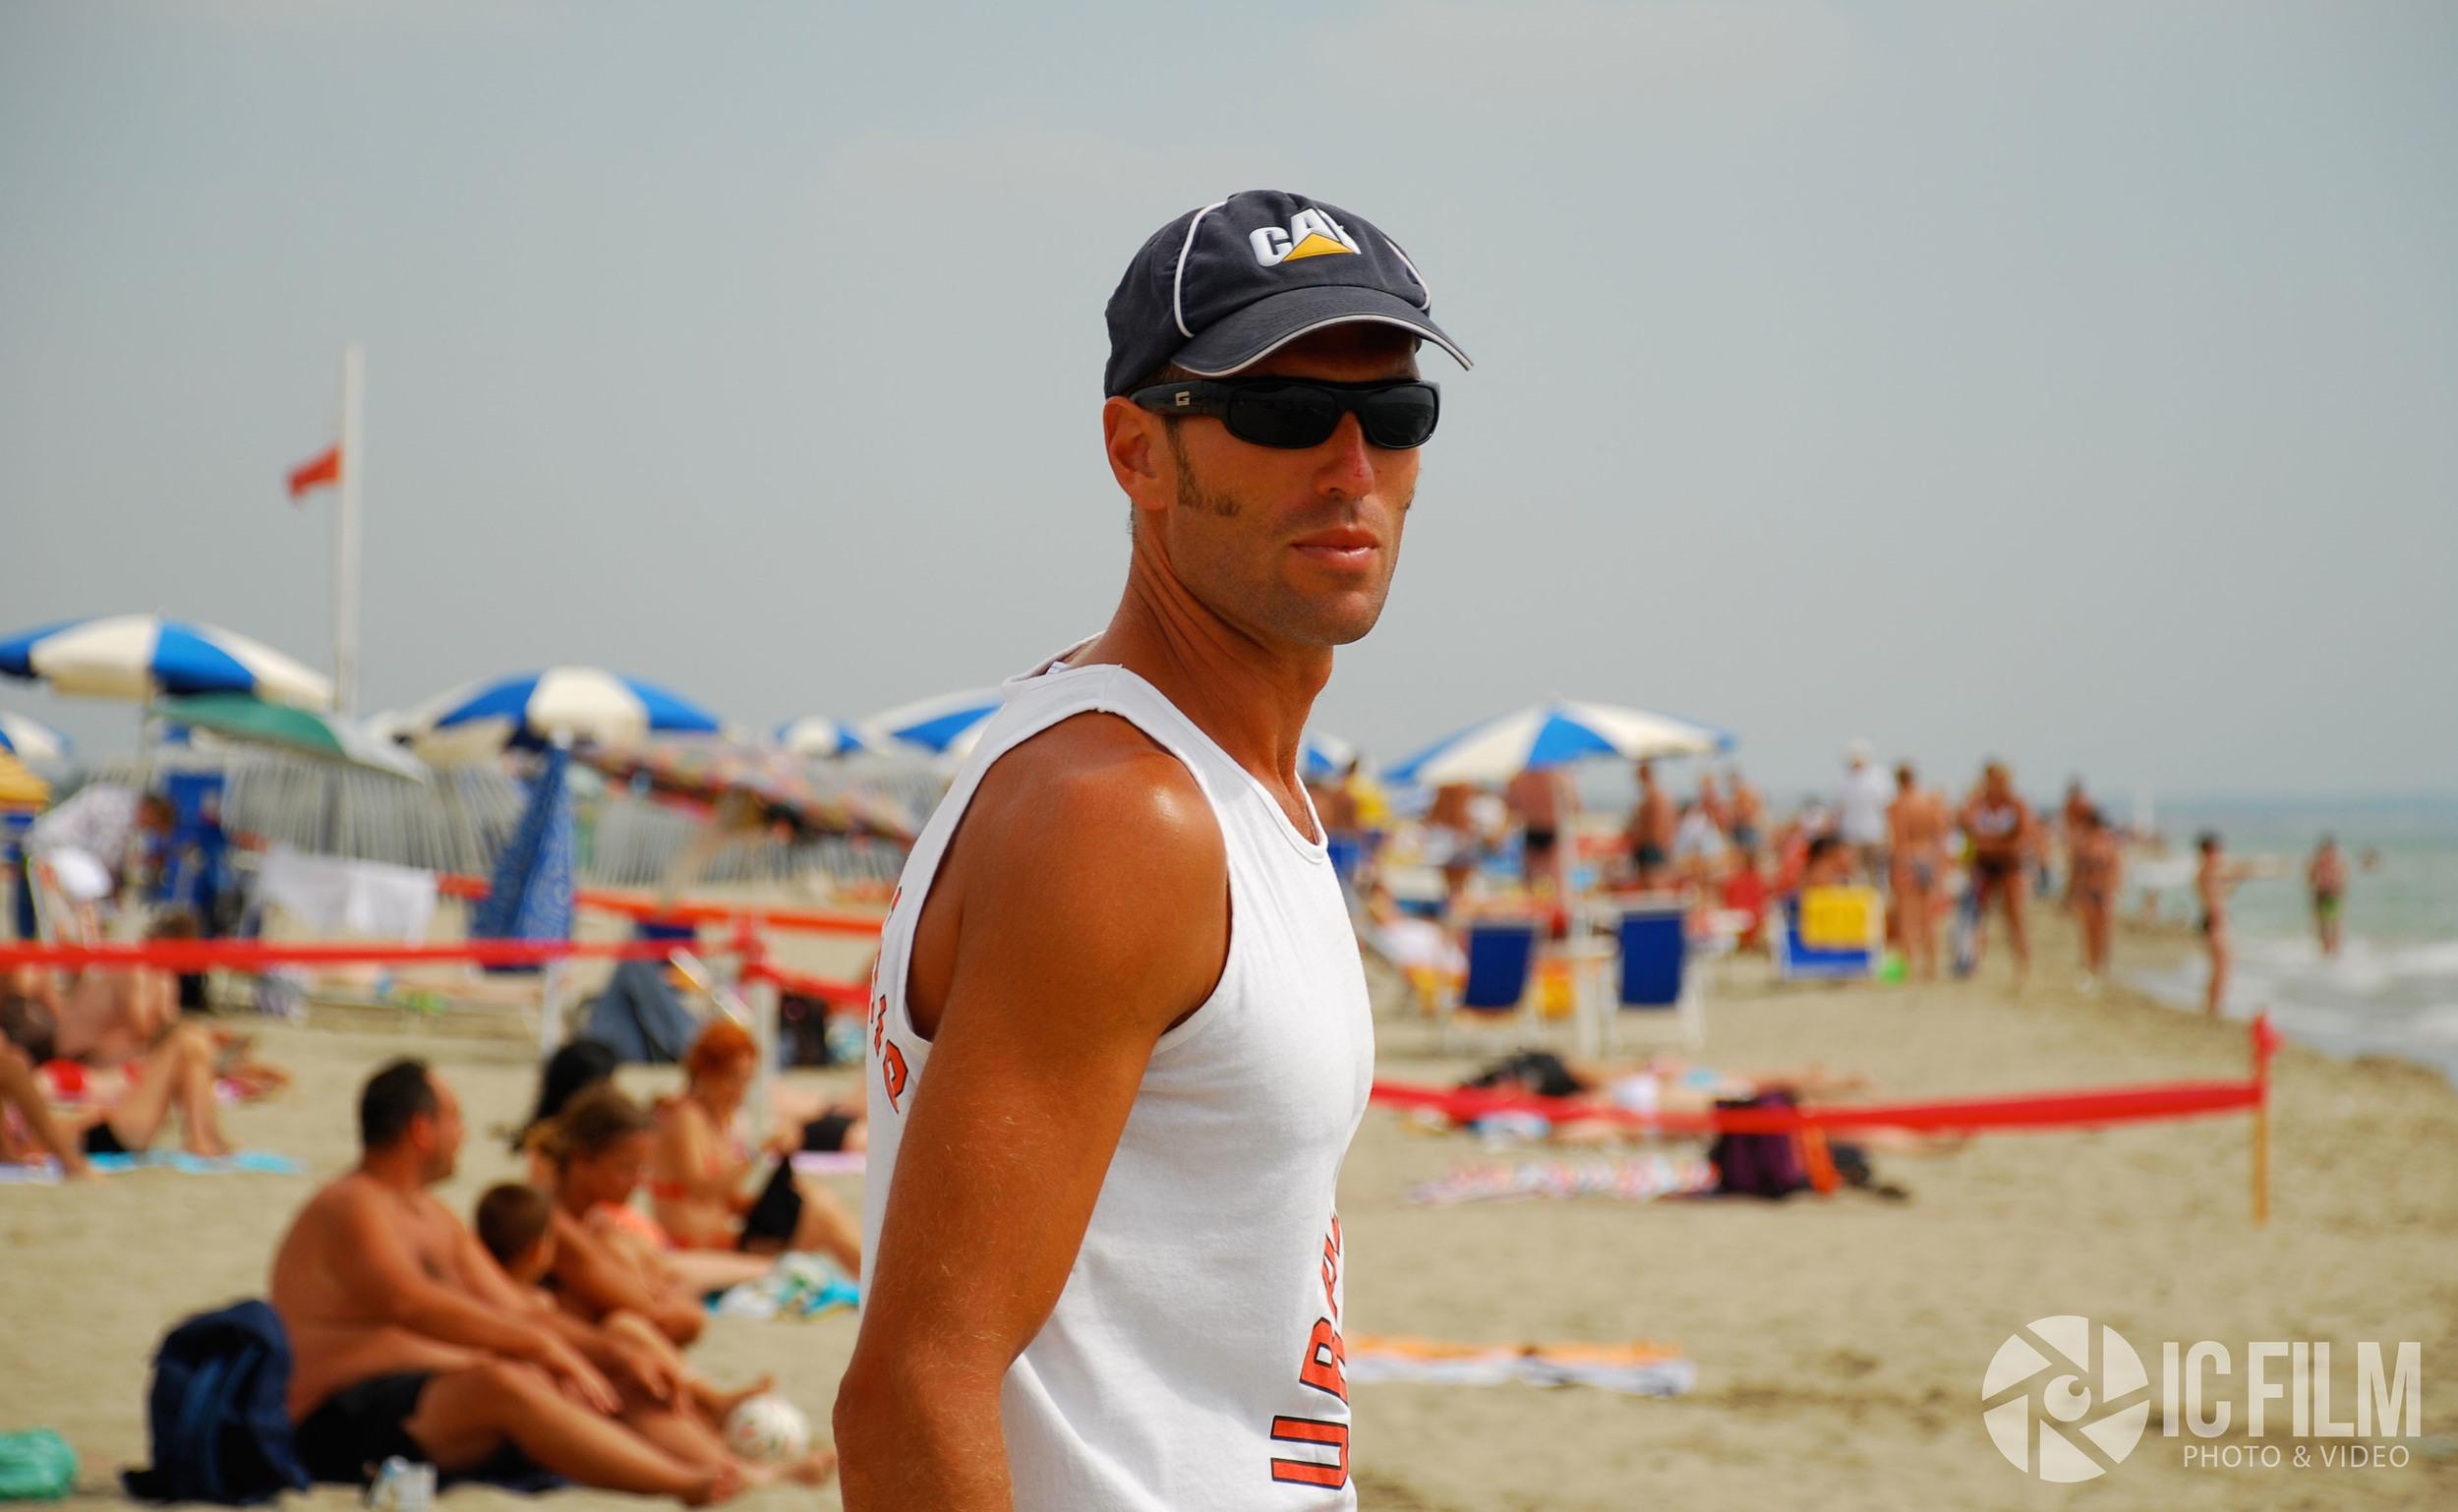 italian lifeguard.jpg